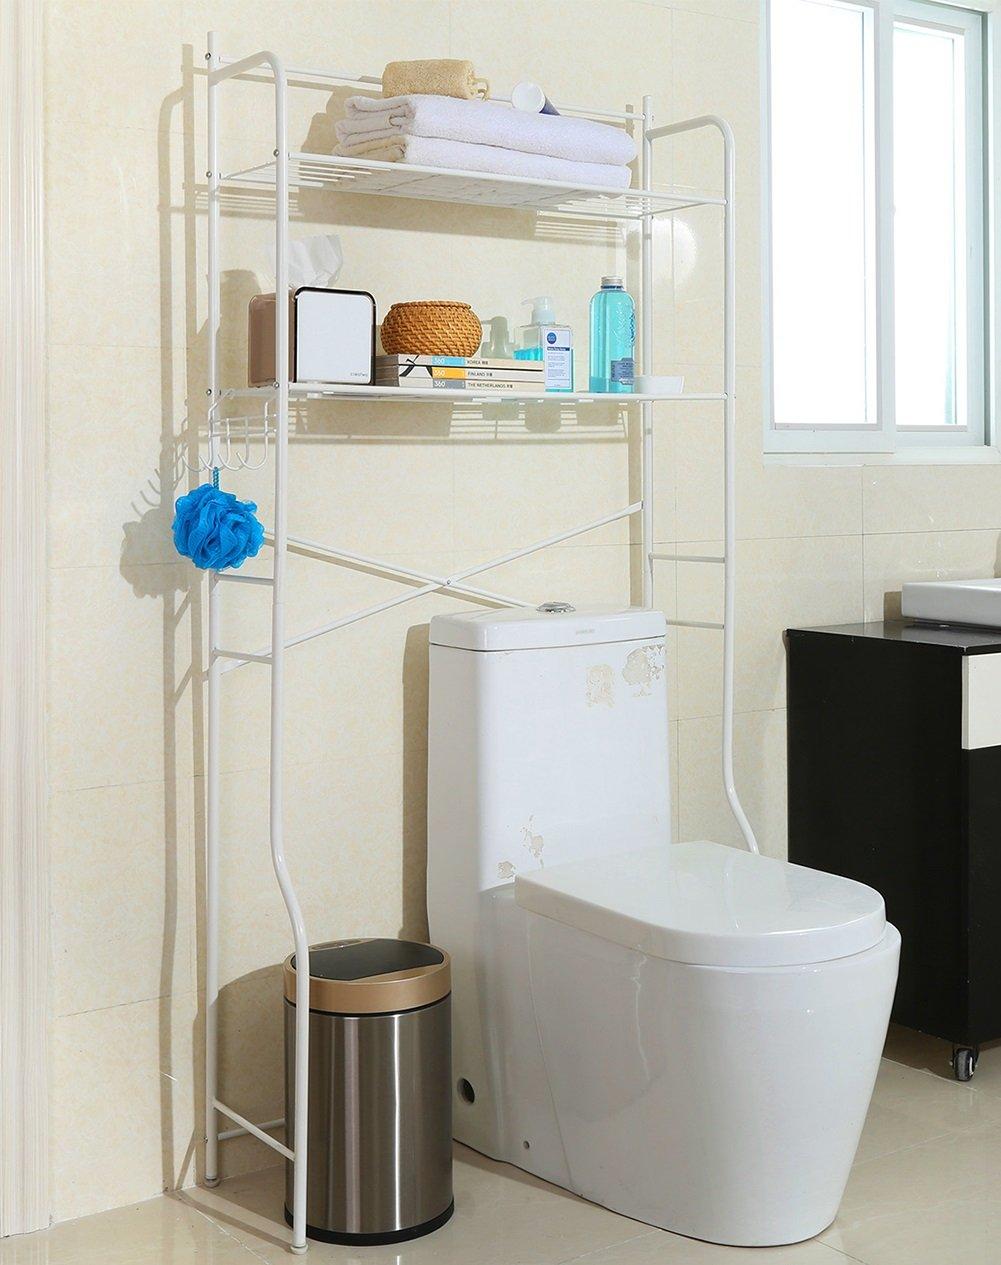 ERRU-étagères Toilette Machine de lavage en rack étagère étagère de produits Rack de lavage Double couche Étagères